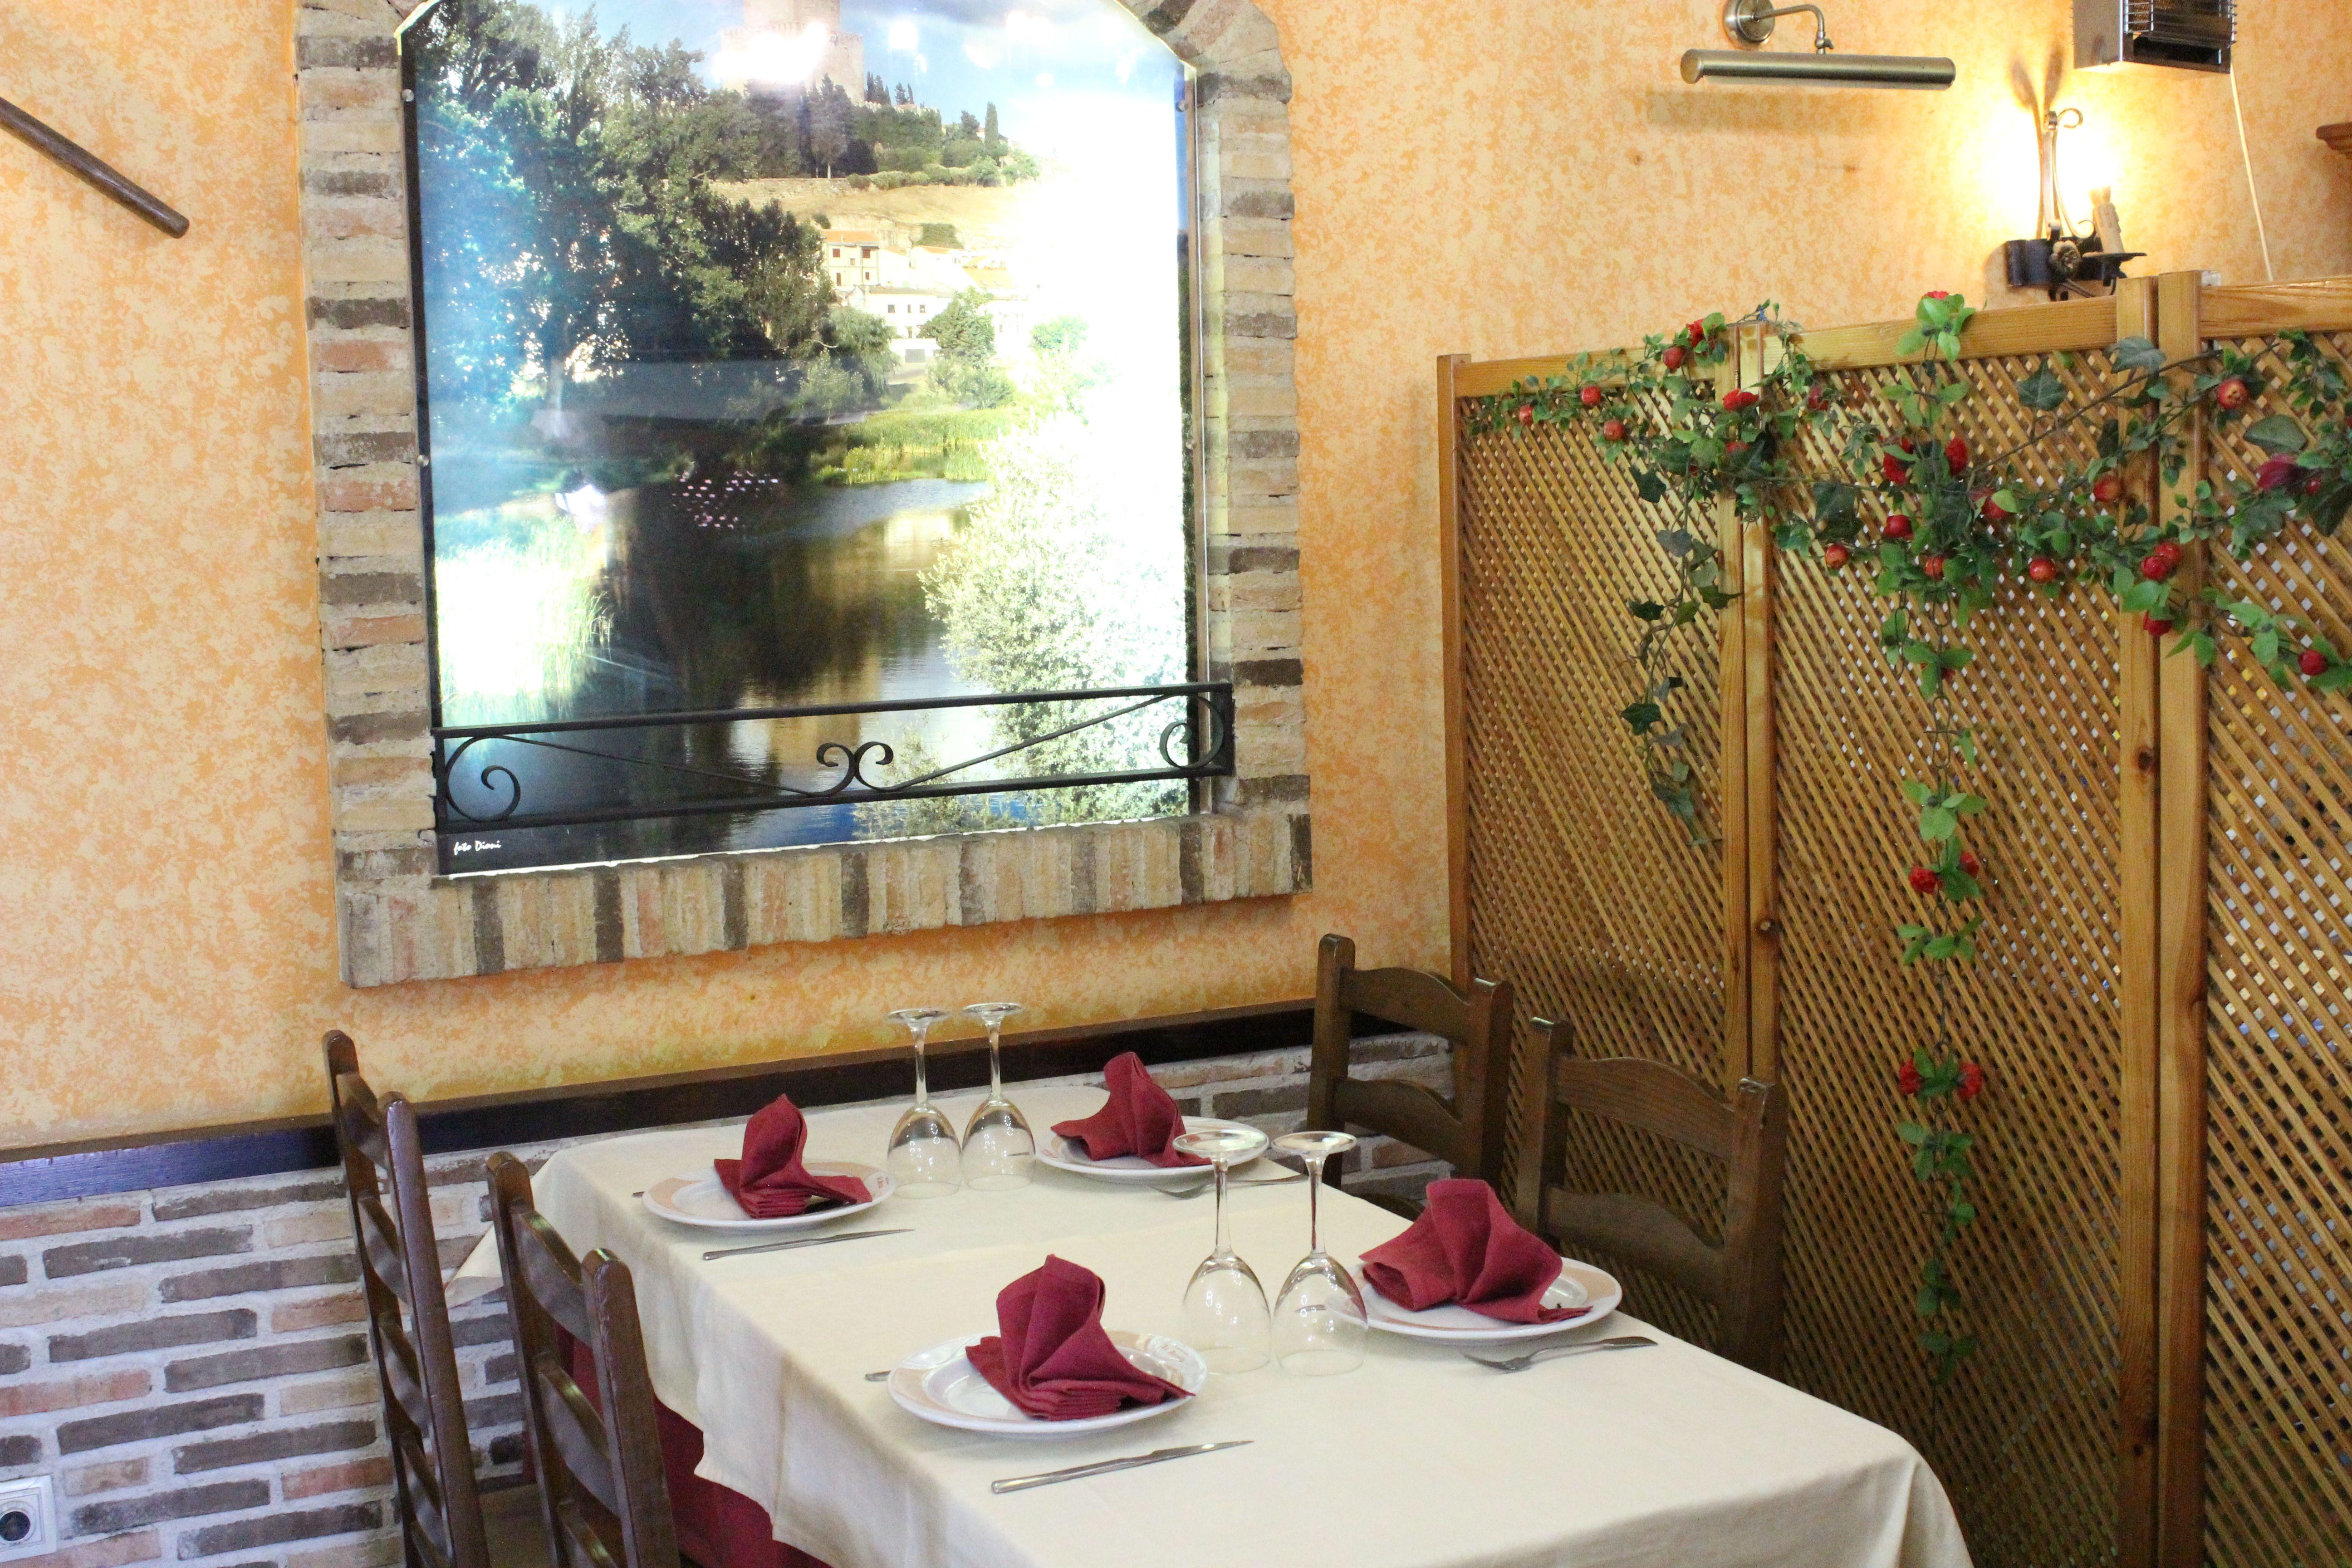 Foto 1 de Asadores en VALDEMORO | Restaurante Terraza La Parrilla de Valdemoro